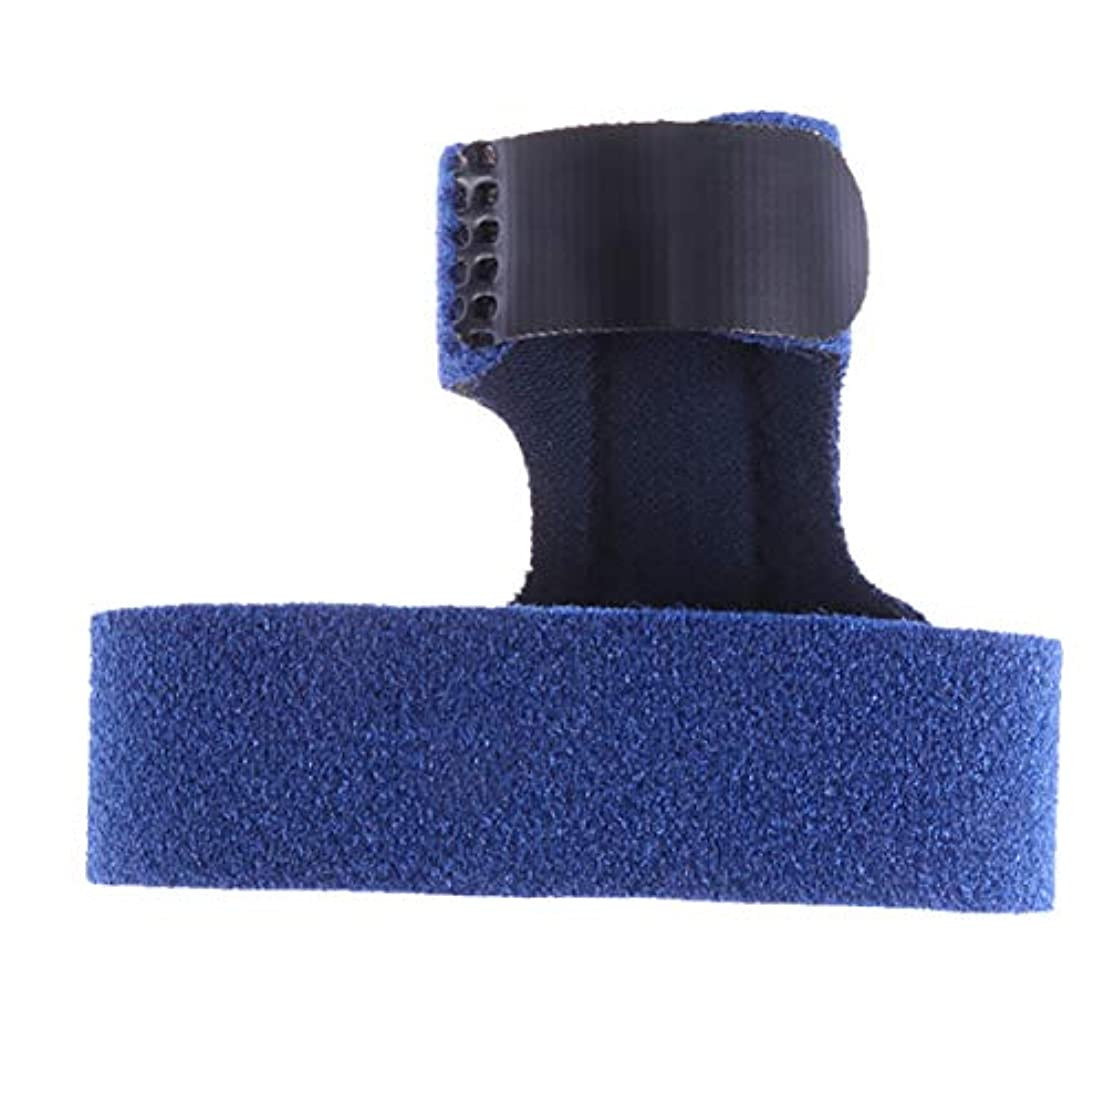 割り当てセンブランス震えSUPVOX フィンガーエクステンションスプリントサポートベルトブレースの痛み緩和のための男性女性フィンガープロテクター